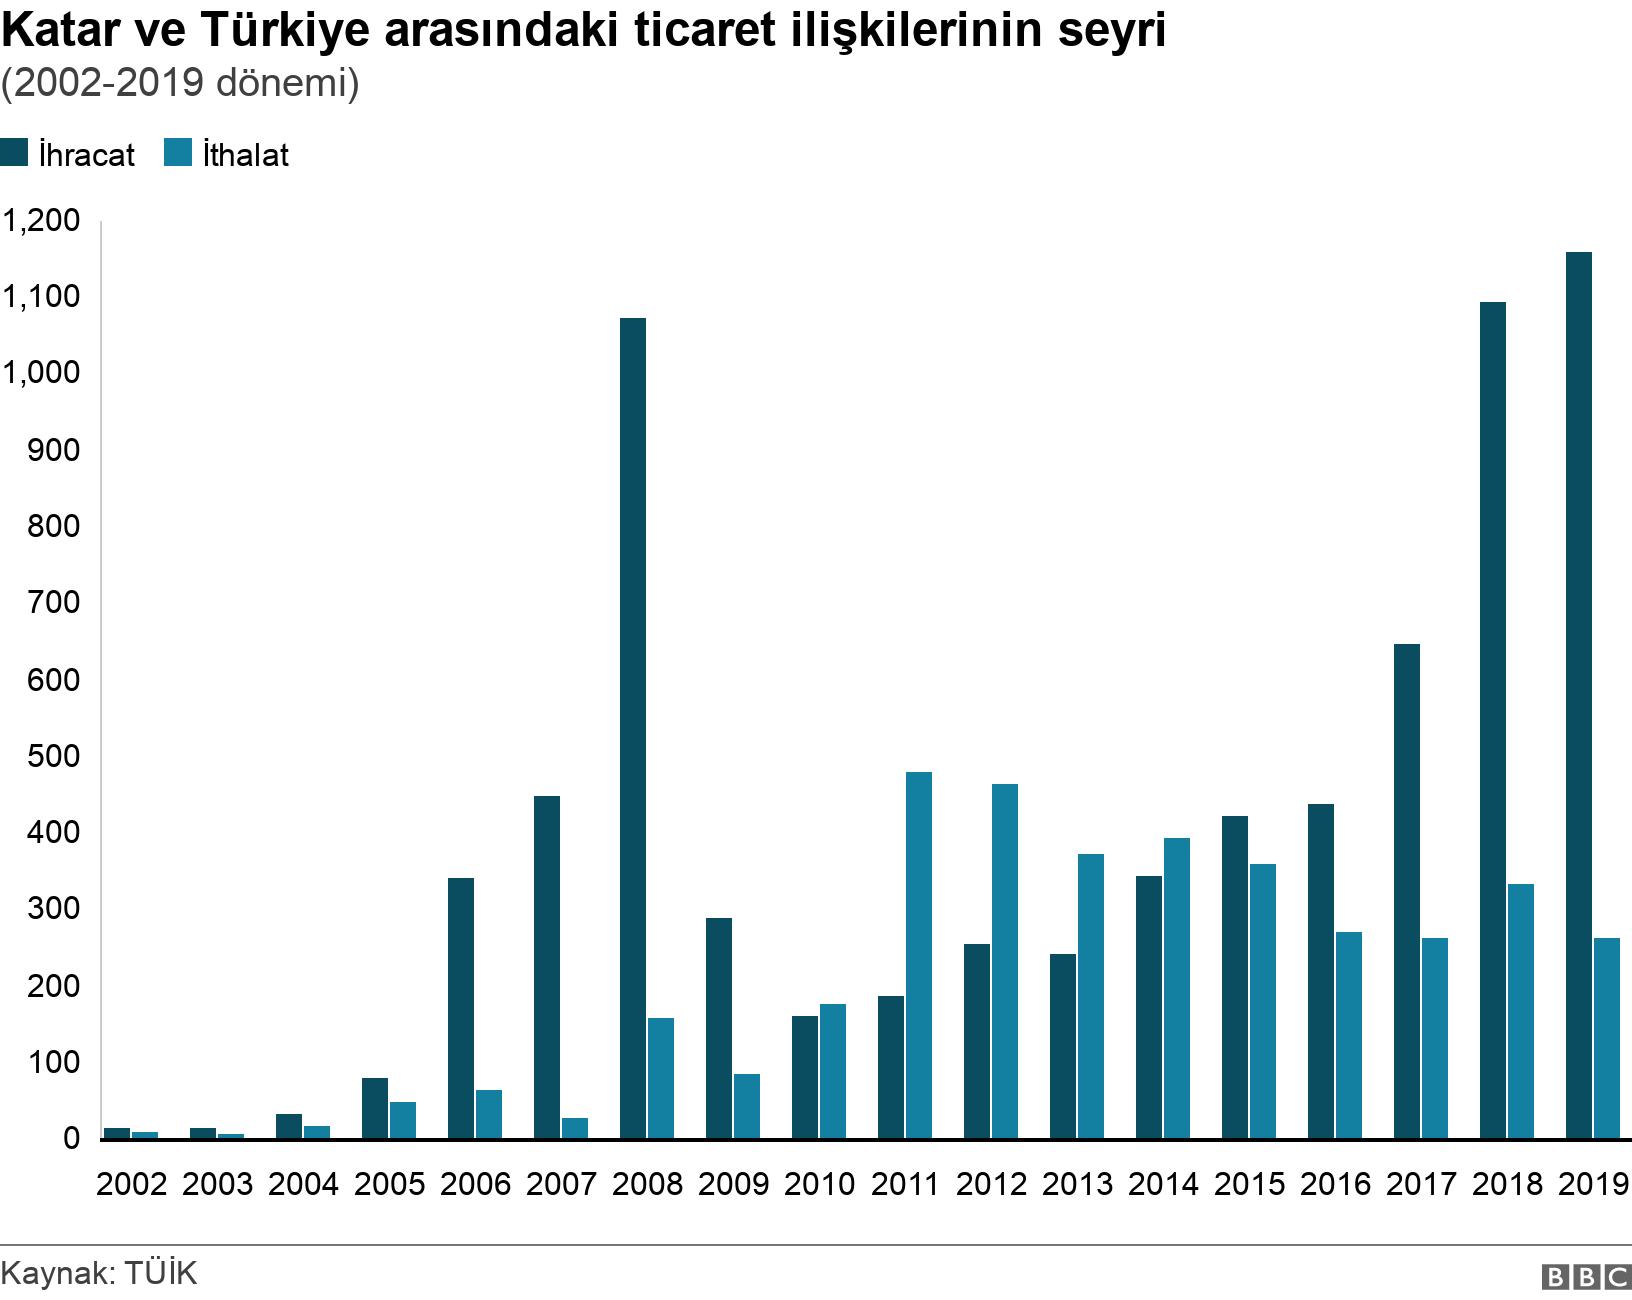 Katar ve Türkiye arasındaki ticaret ilişkilerinin seyri. (2002-2019 dönemi).  .